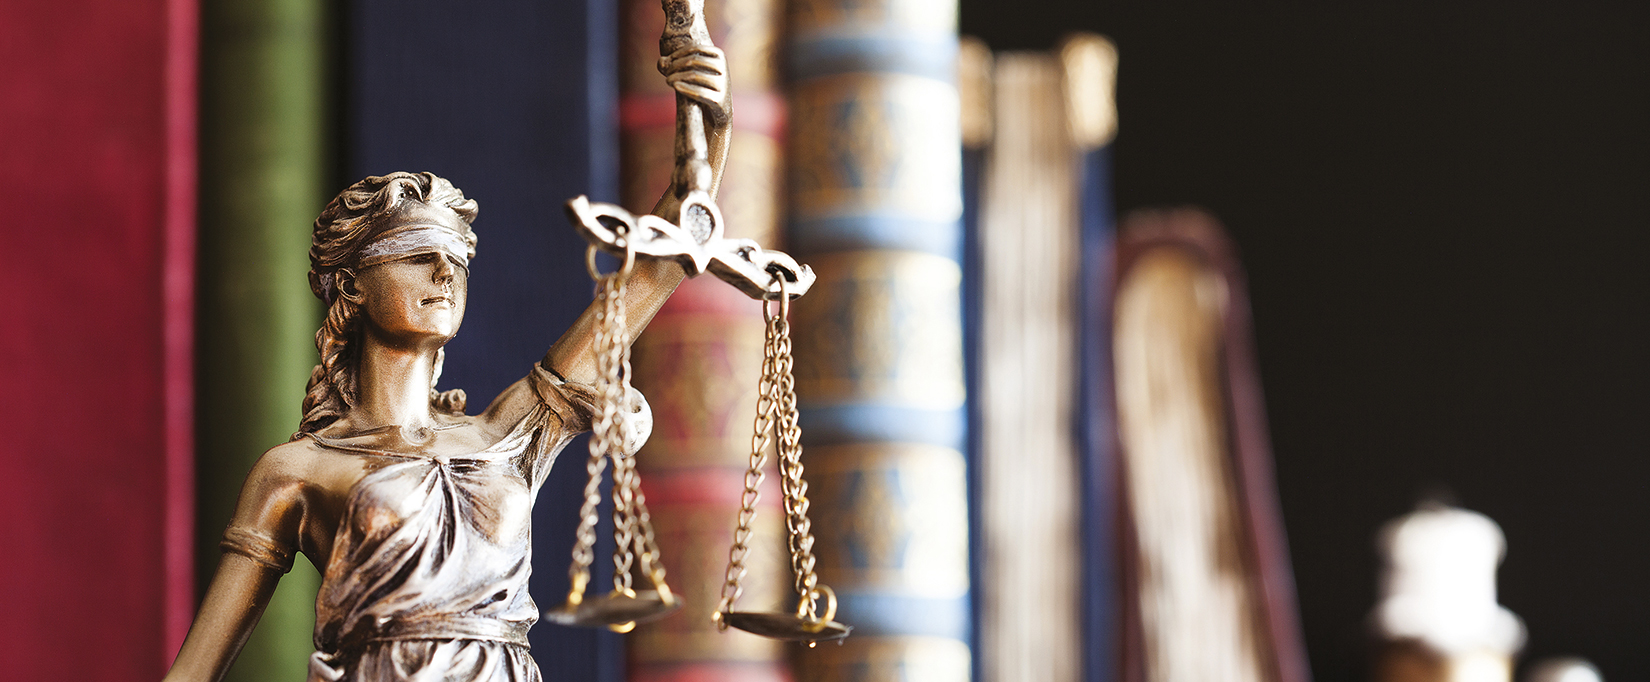 Ecole doctorale Sciences juridiques - ED SJ